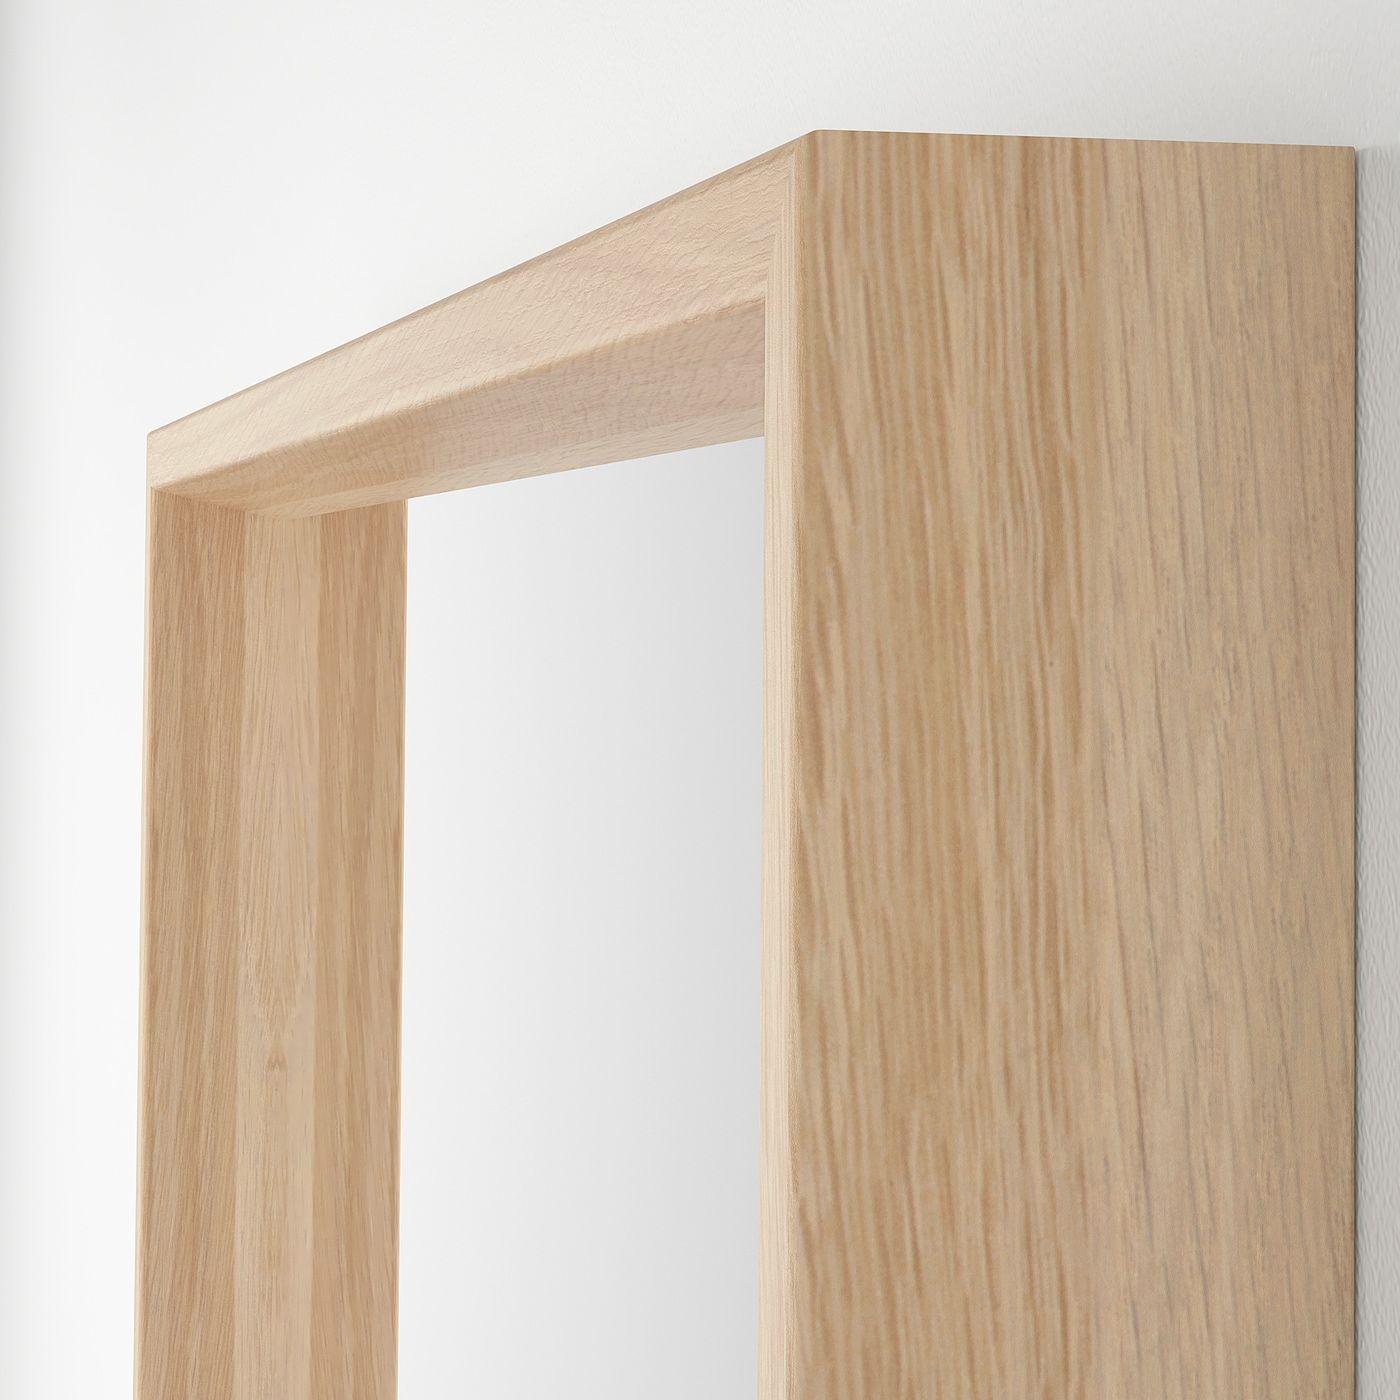 Nissedal Spiegel Eicheneff Wlas In 2020 Ikea Spiegel Eiche Und